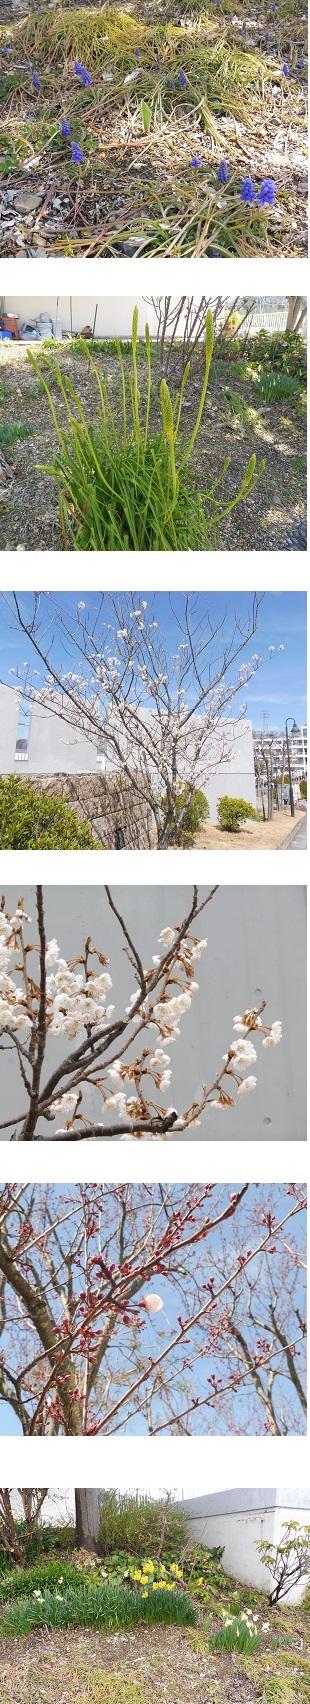 20190318外山氏②.jpg